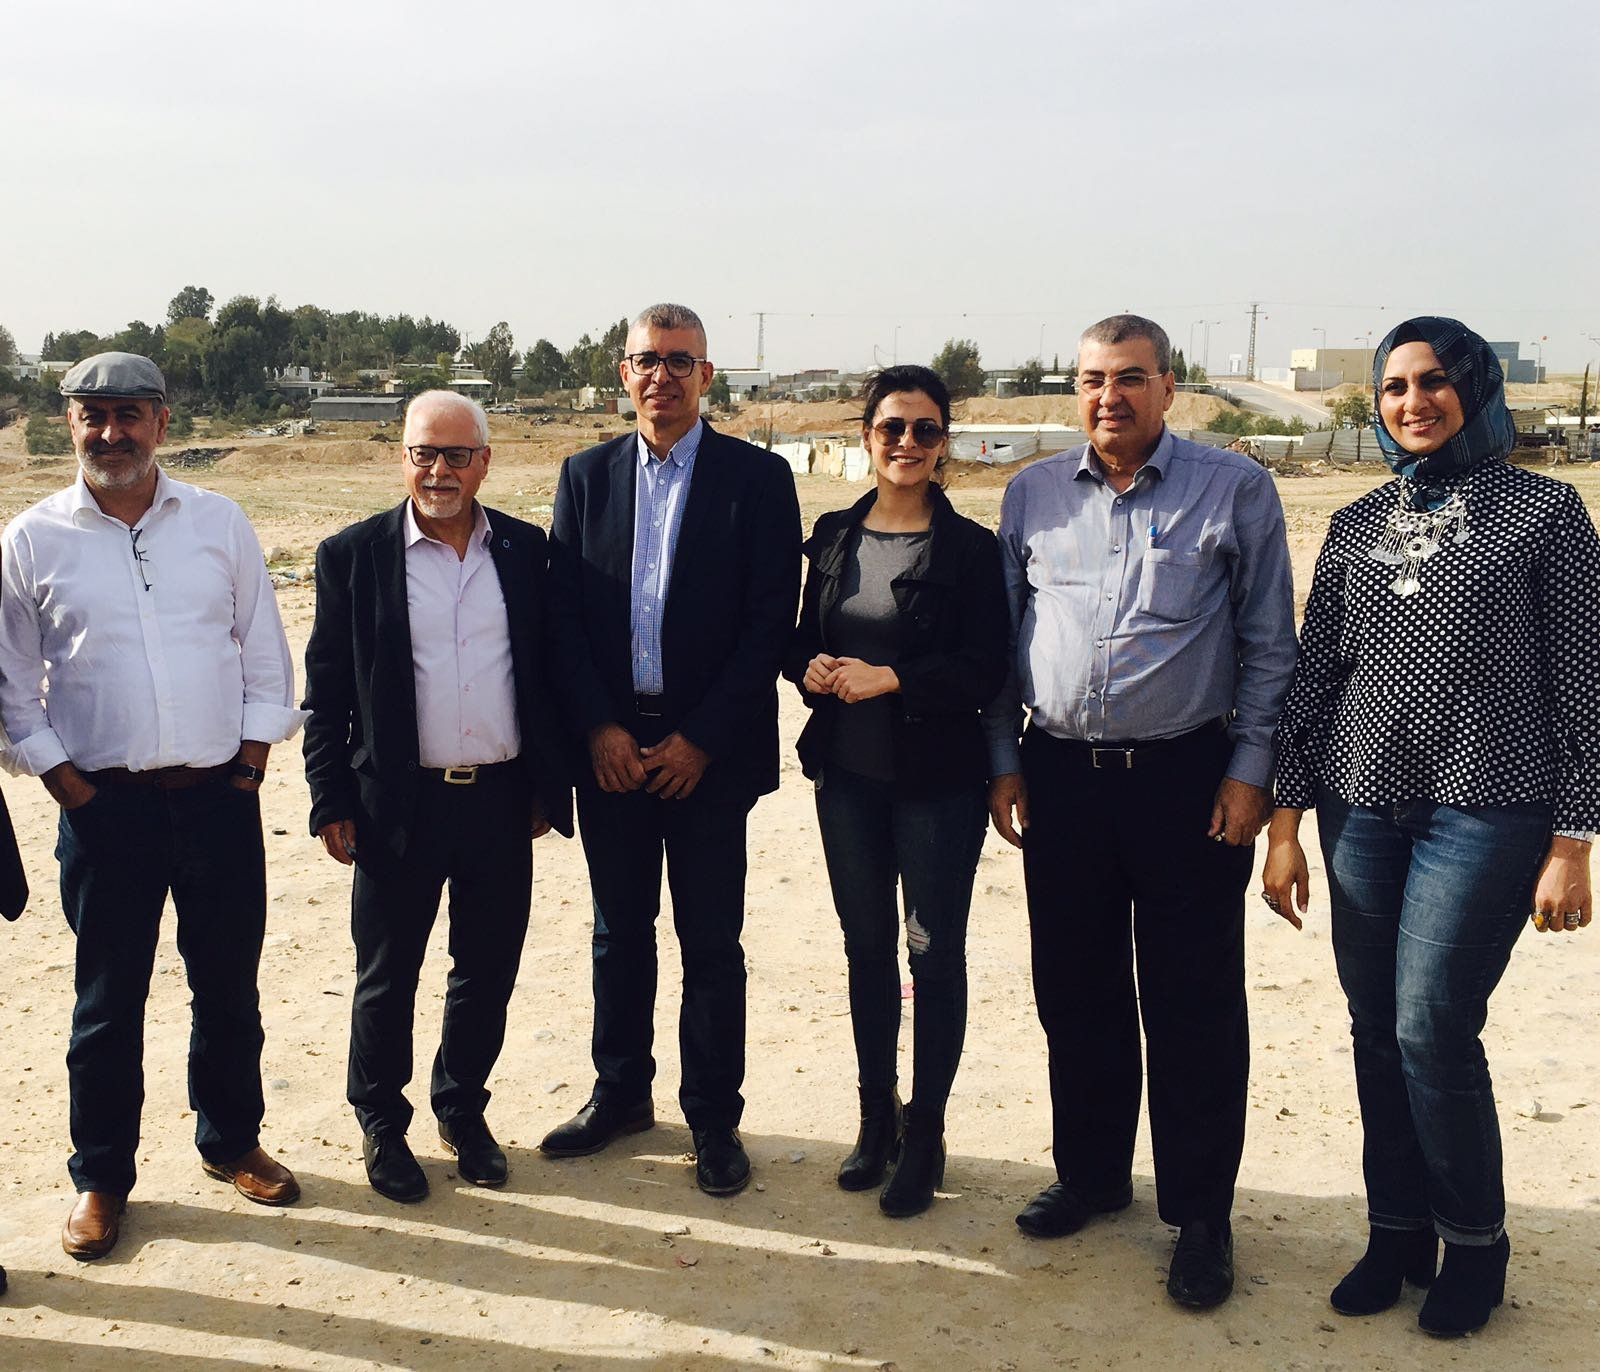 وفد جمعية تطوير صحة المجتمع العربي يزور رابطة الأطباء العرب وجمعية أطباء الأسنان العرب بالنقب